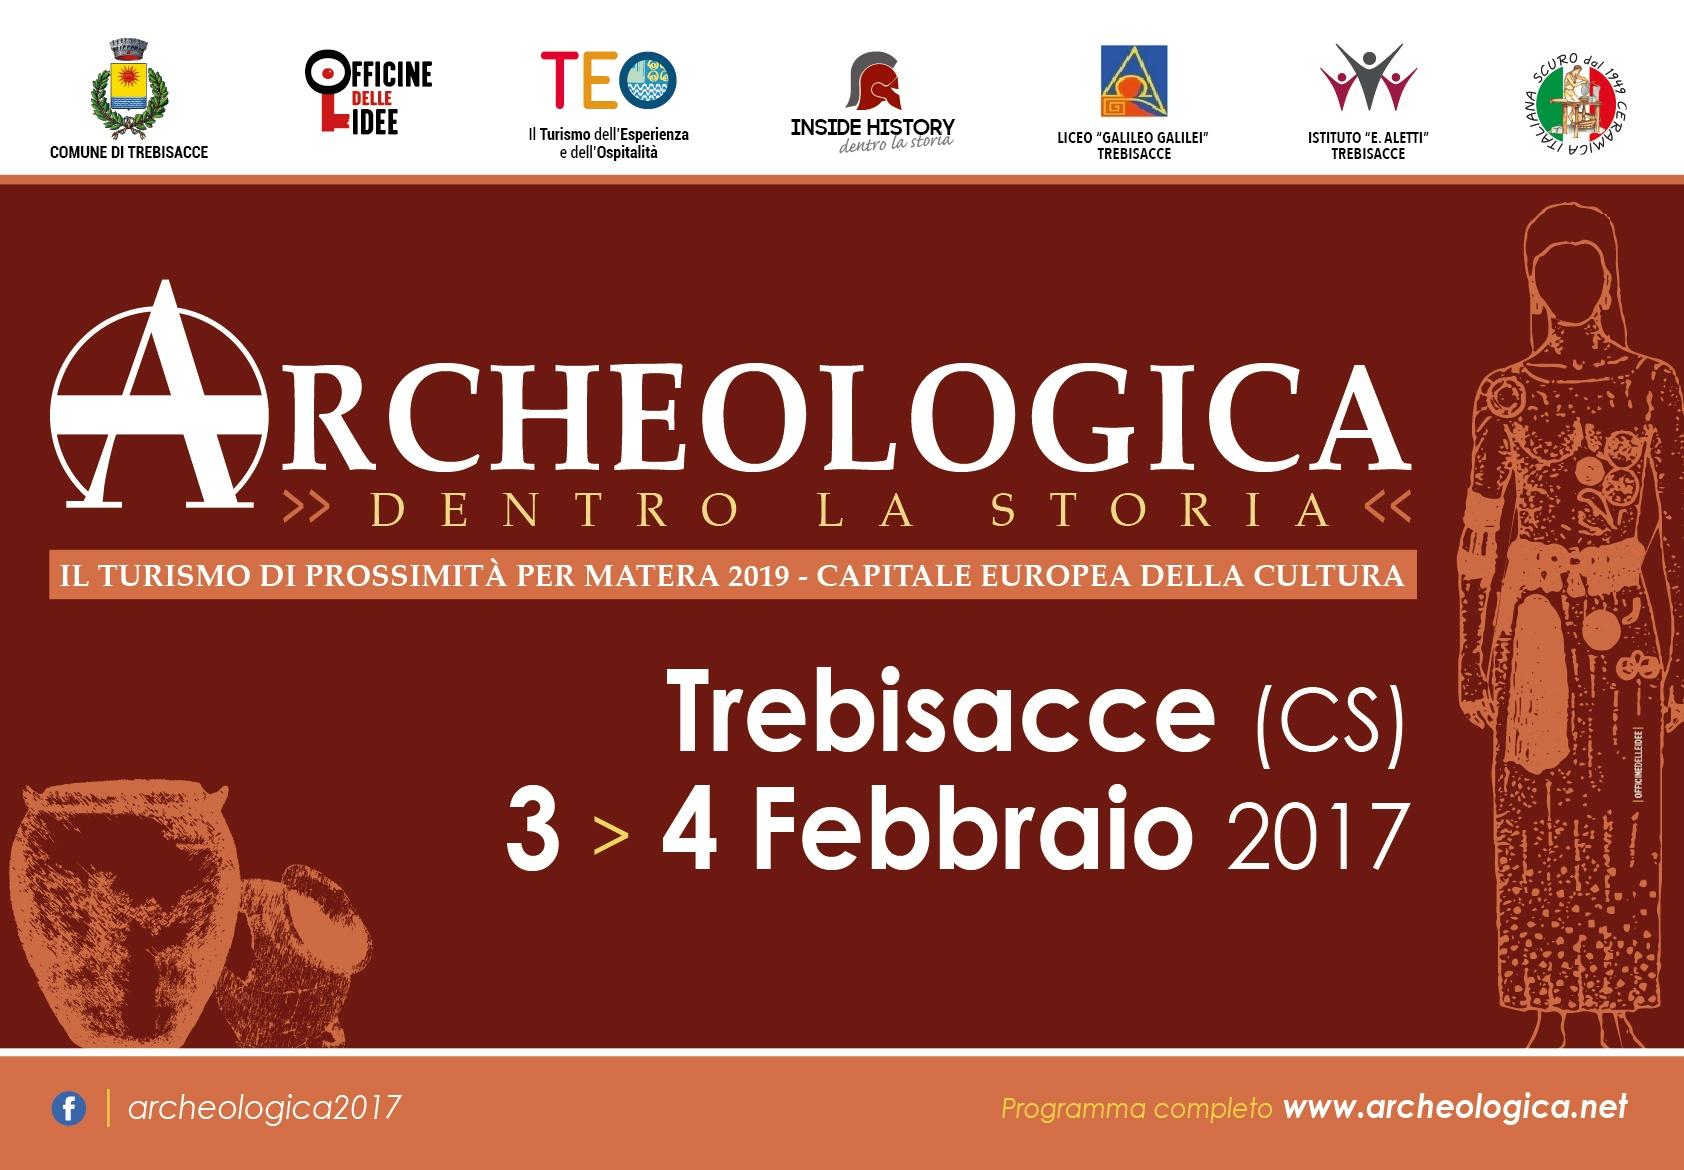 ACRI E DINTORNI: Venerdì 3 e sabato 4 febbraio a Trebisacce un viaggio tra archeologia, cibo e cultura.